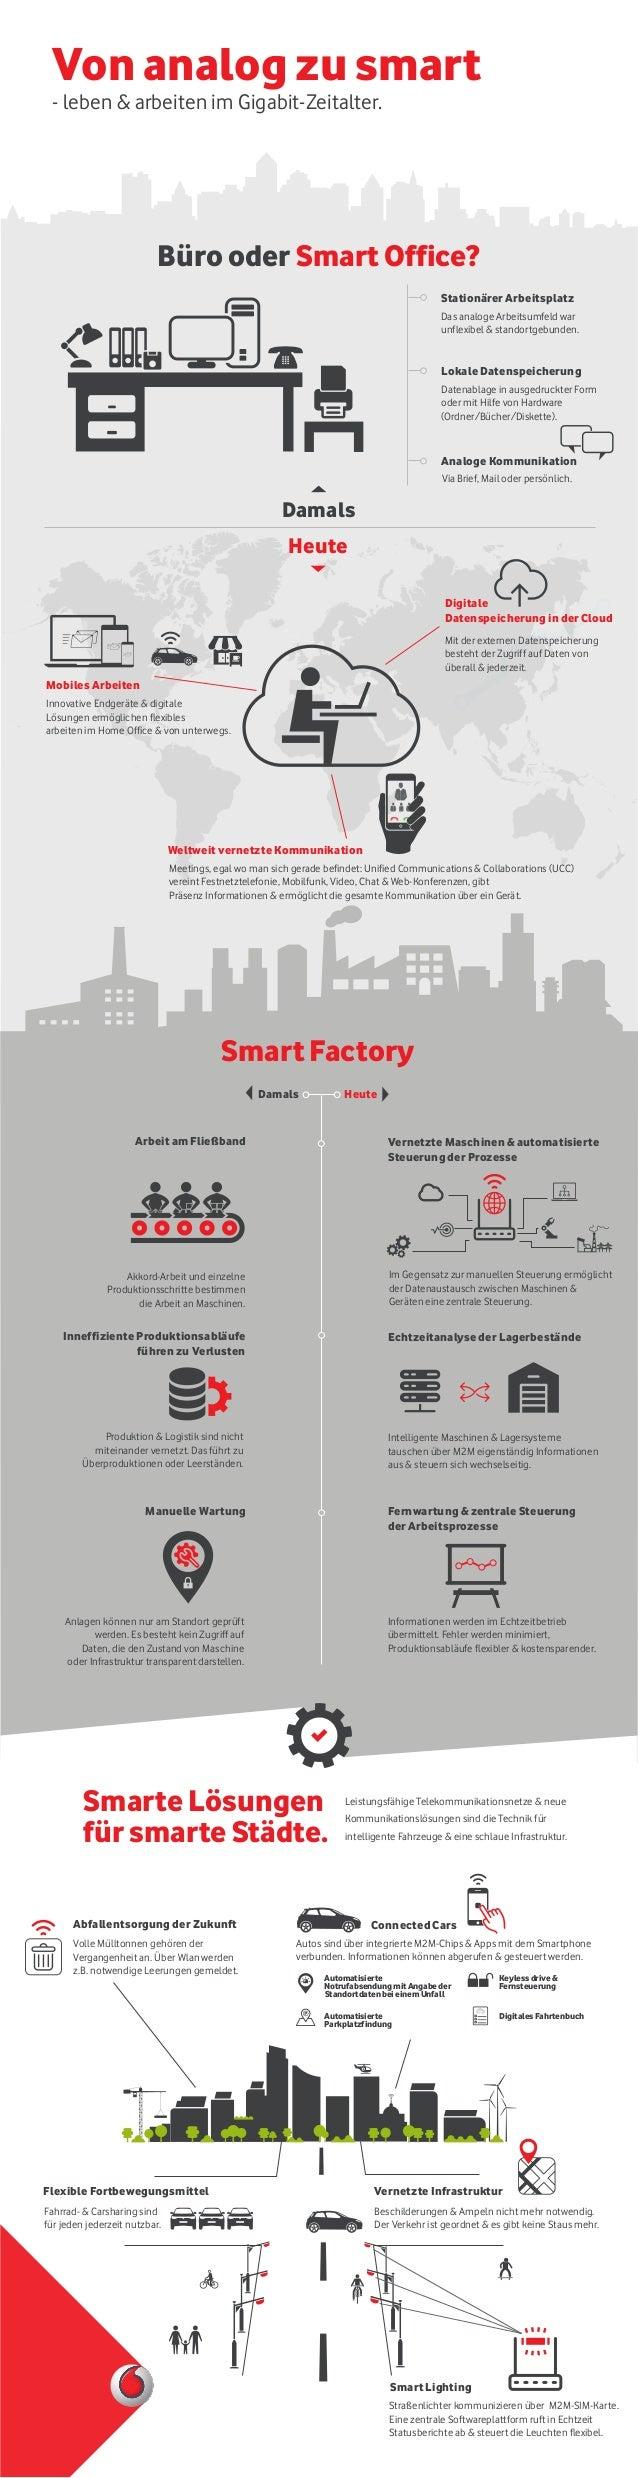 Büro oder Smart Office? Von analog zu smart - leben & arbeiten im Gigabit-Zeitalter. Das analoge Arbeitsumfeld war unflexi...